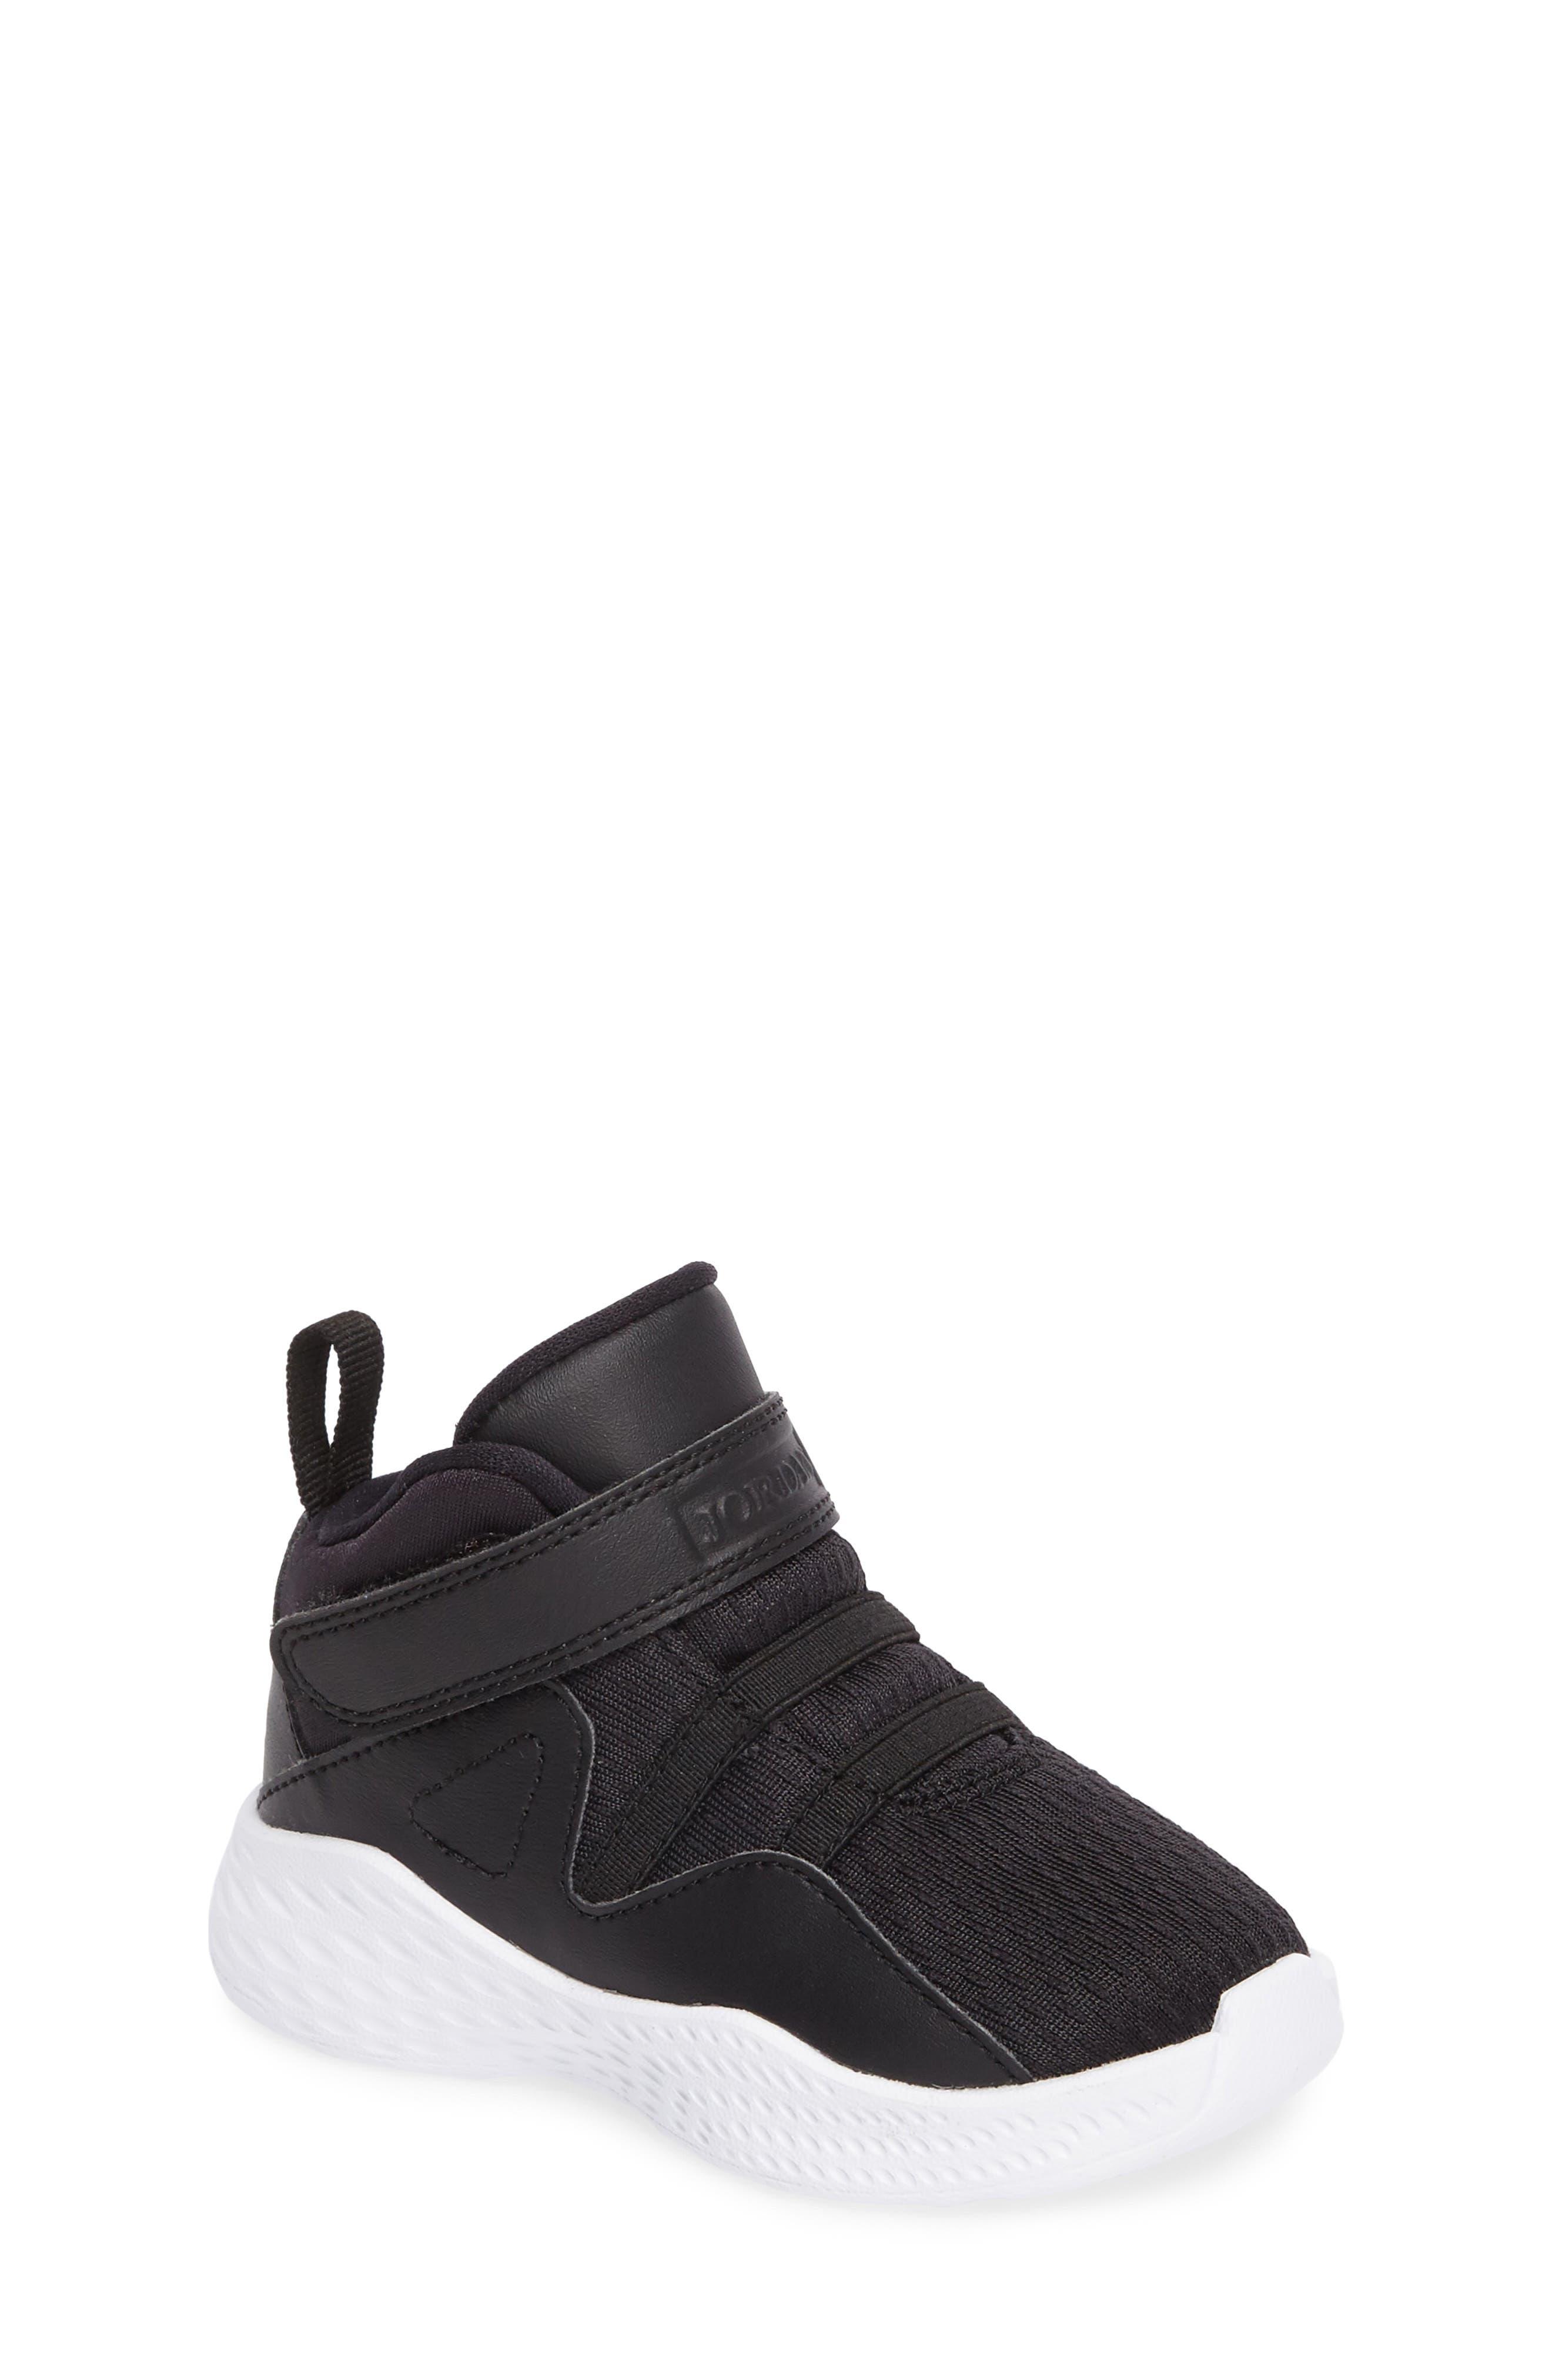 Nike Jordan Formula 23 Basketball Shoe (Baby, Walker & Toddler)